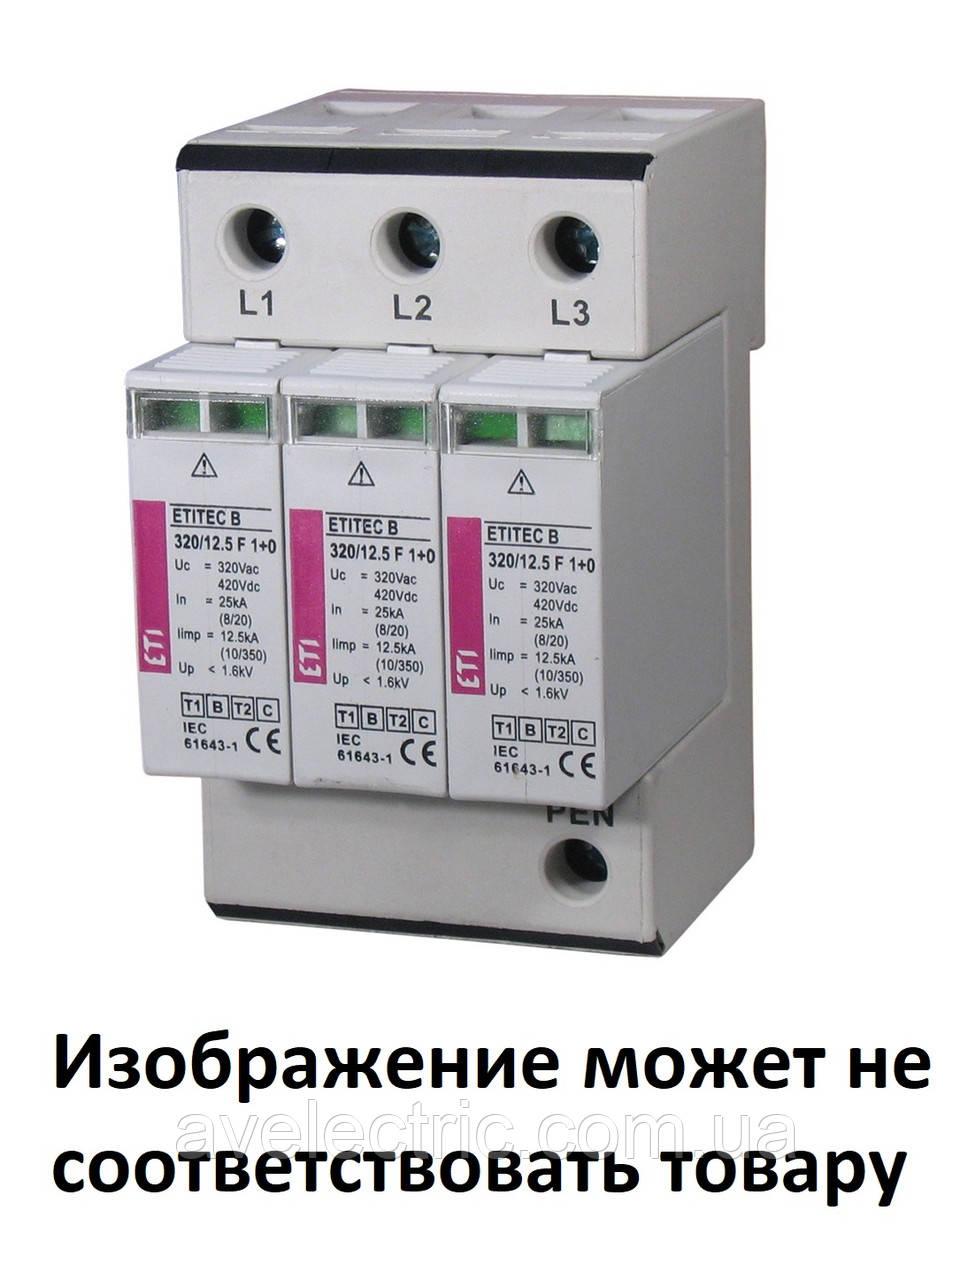 Ограничитель перенапряжения ETITEC V 2T3 255/5 (4+0)